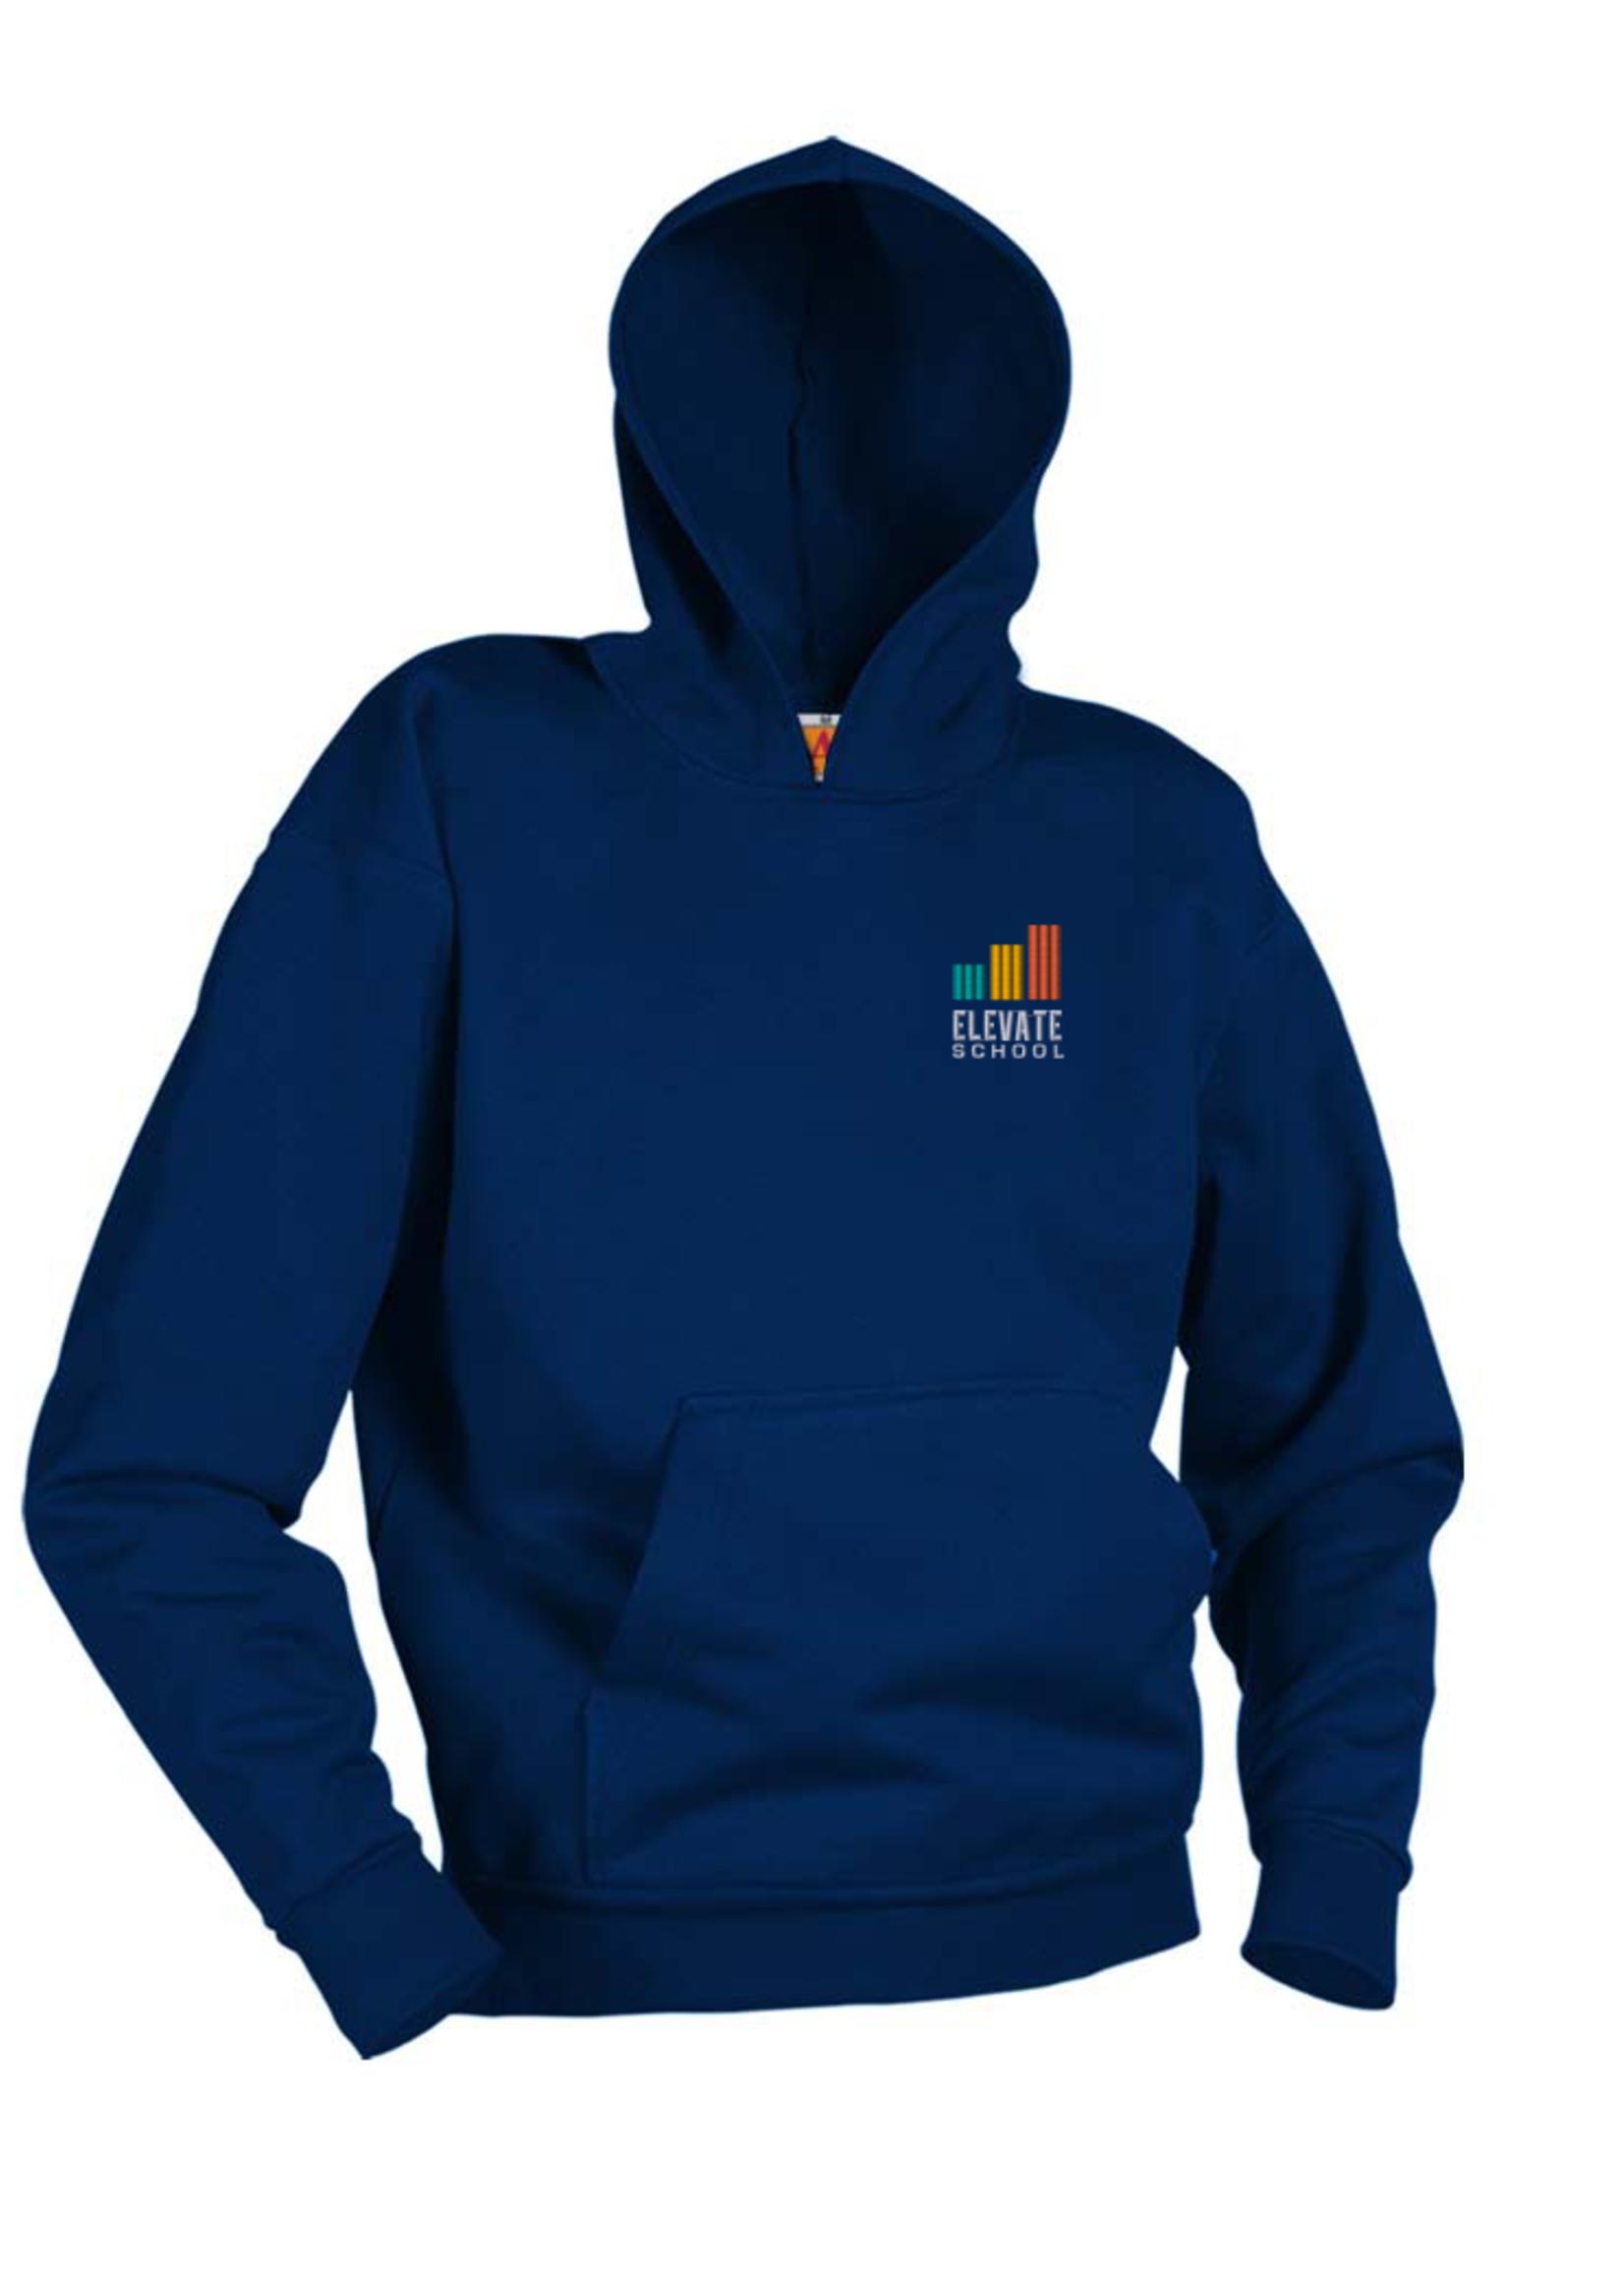 Elevate Navy Hooded Pullover Sweatshirt